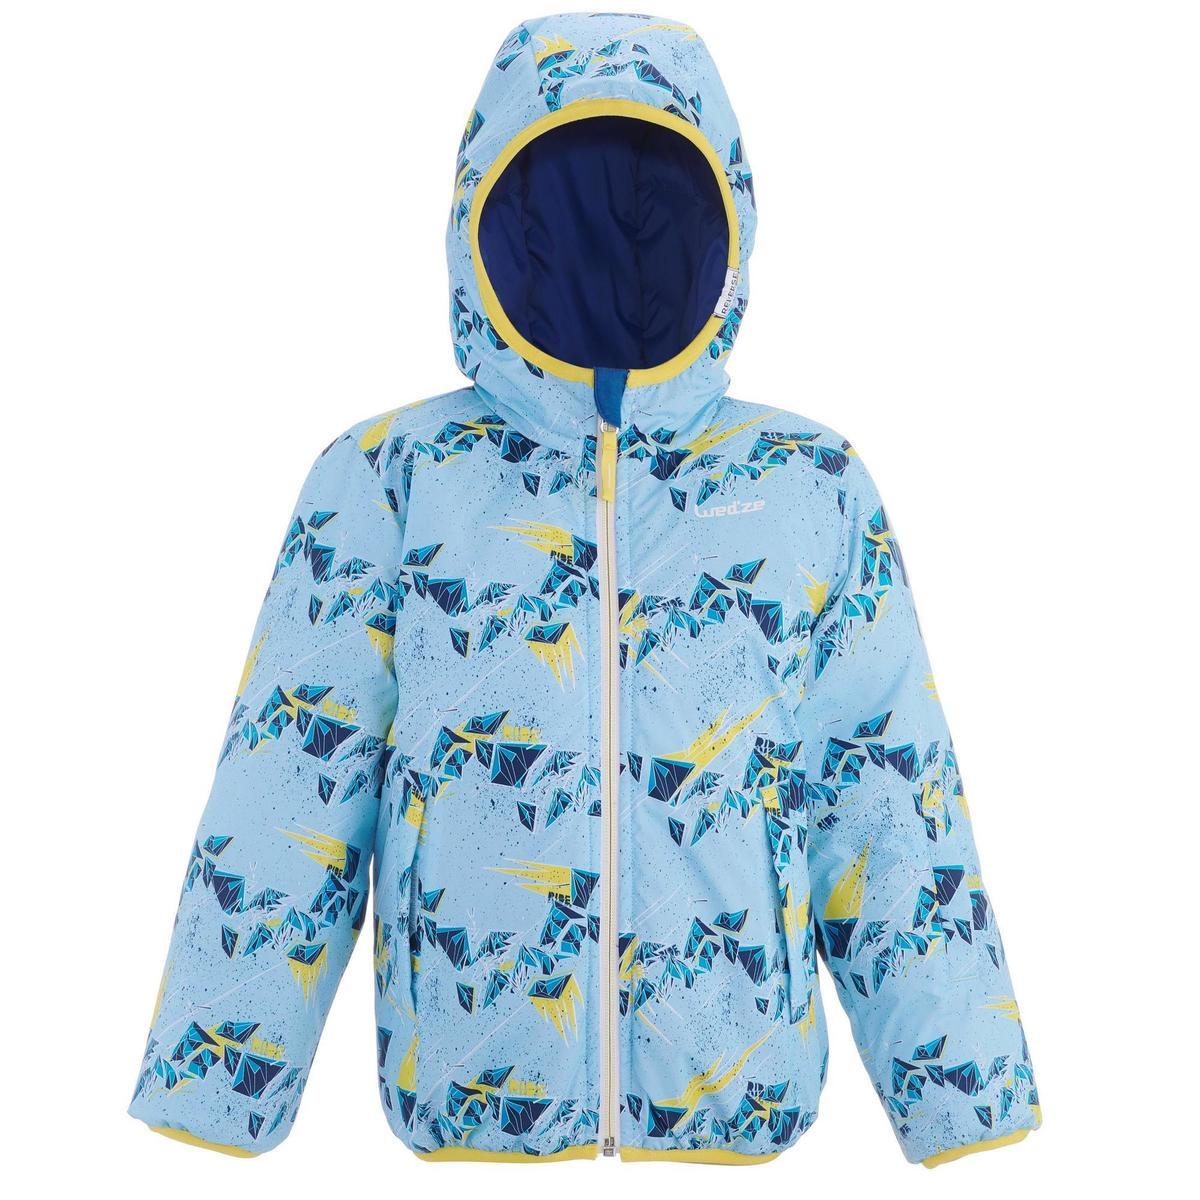 Bild 3 von Skijacke Piste100 warm wendbar Kleinkinder blau